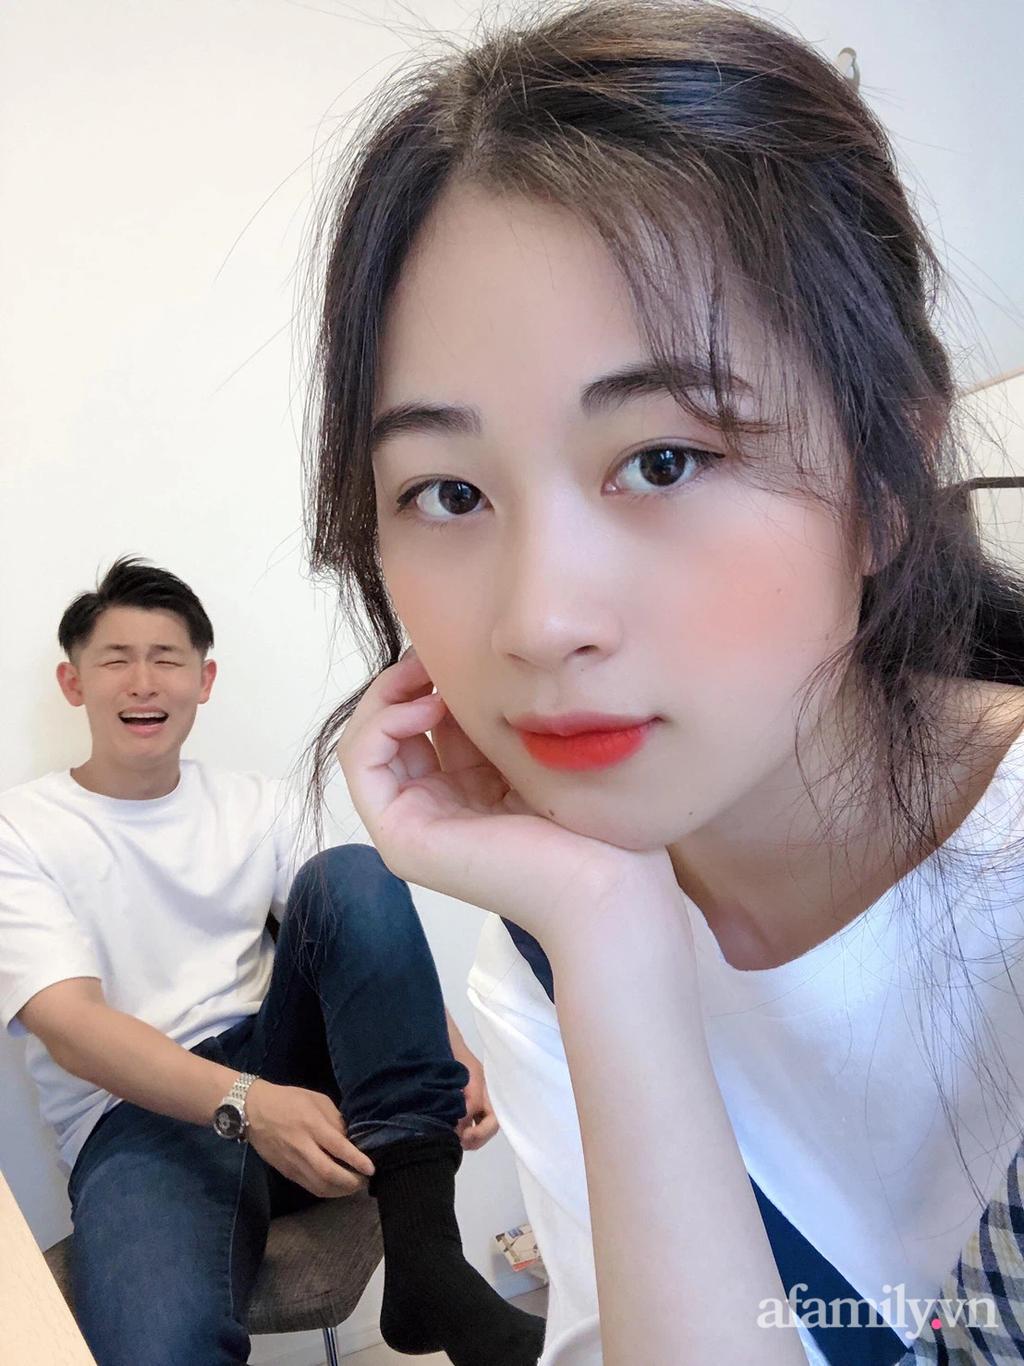 """Cặp đôi Việt – Nhật với nhan sắc """"cực phẩm"""" sở hữu 80 nghìn người theo dõi trên MXH: Mối duyên đặc biệt và giọt nước mắt """"soái ca"""" làm thay đổi toàn cục diện"""